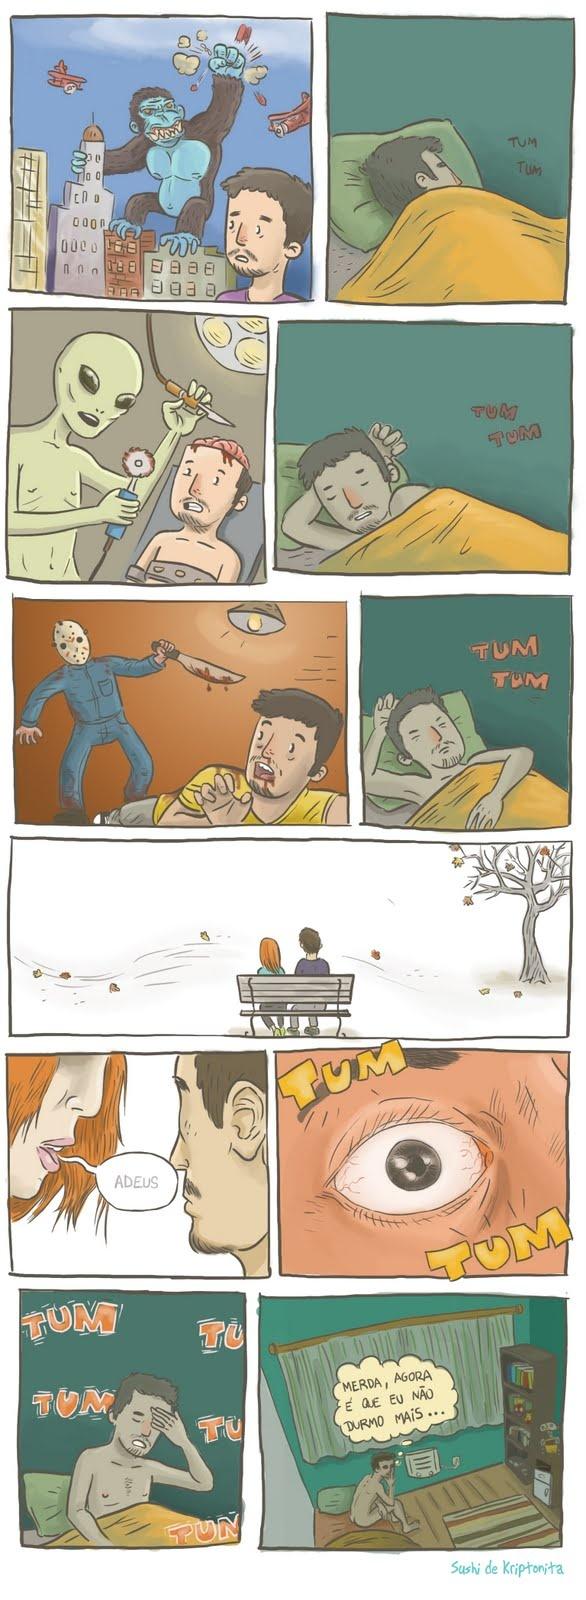 Mr. Sandman, bring me a dream